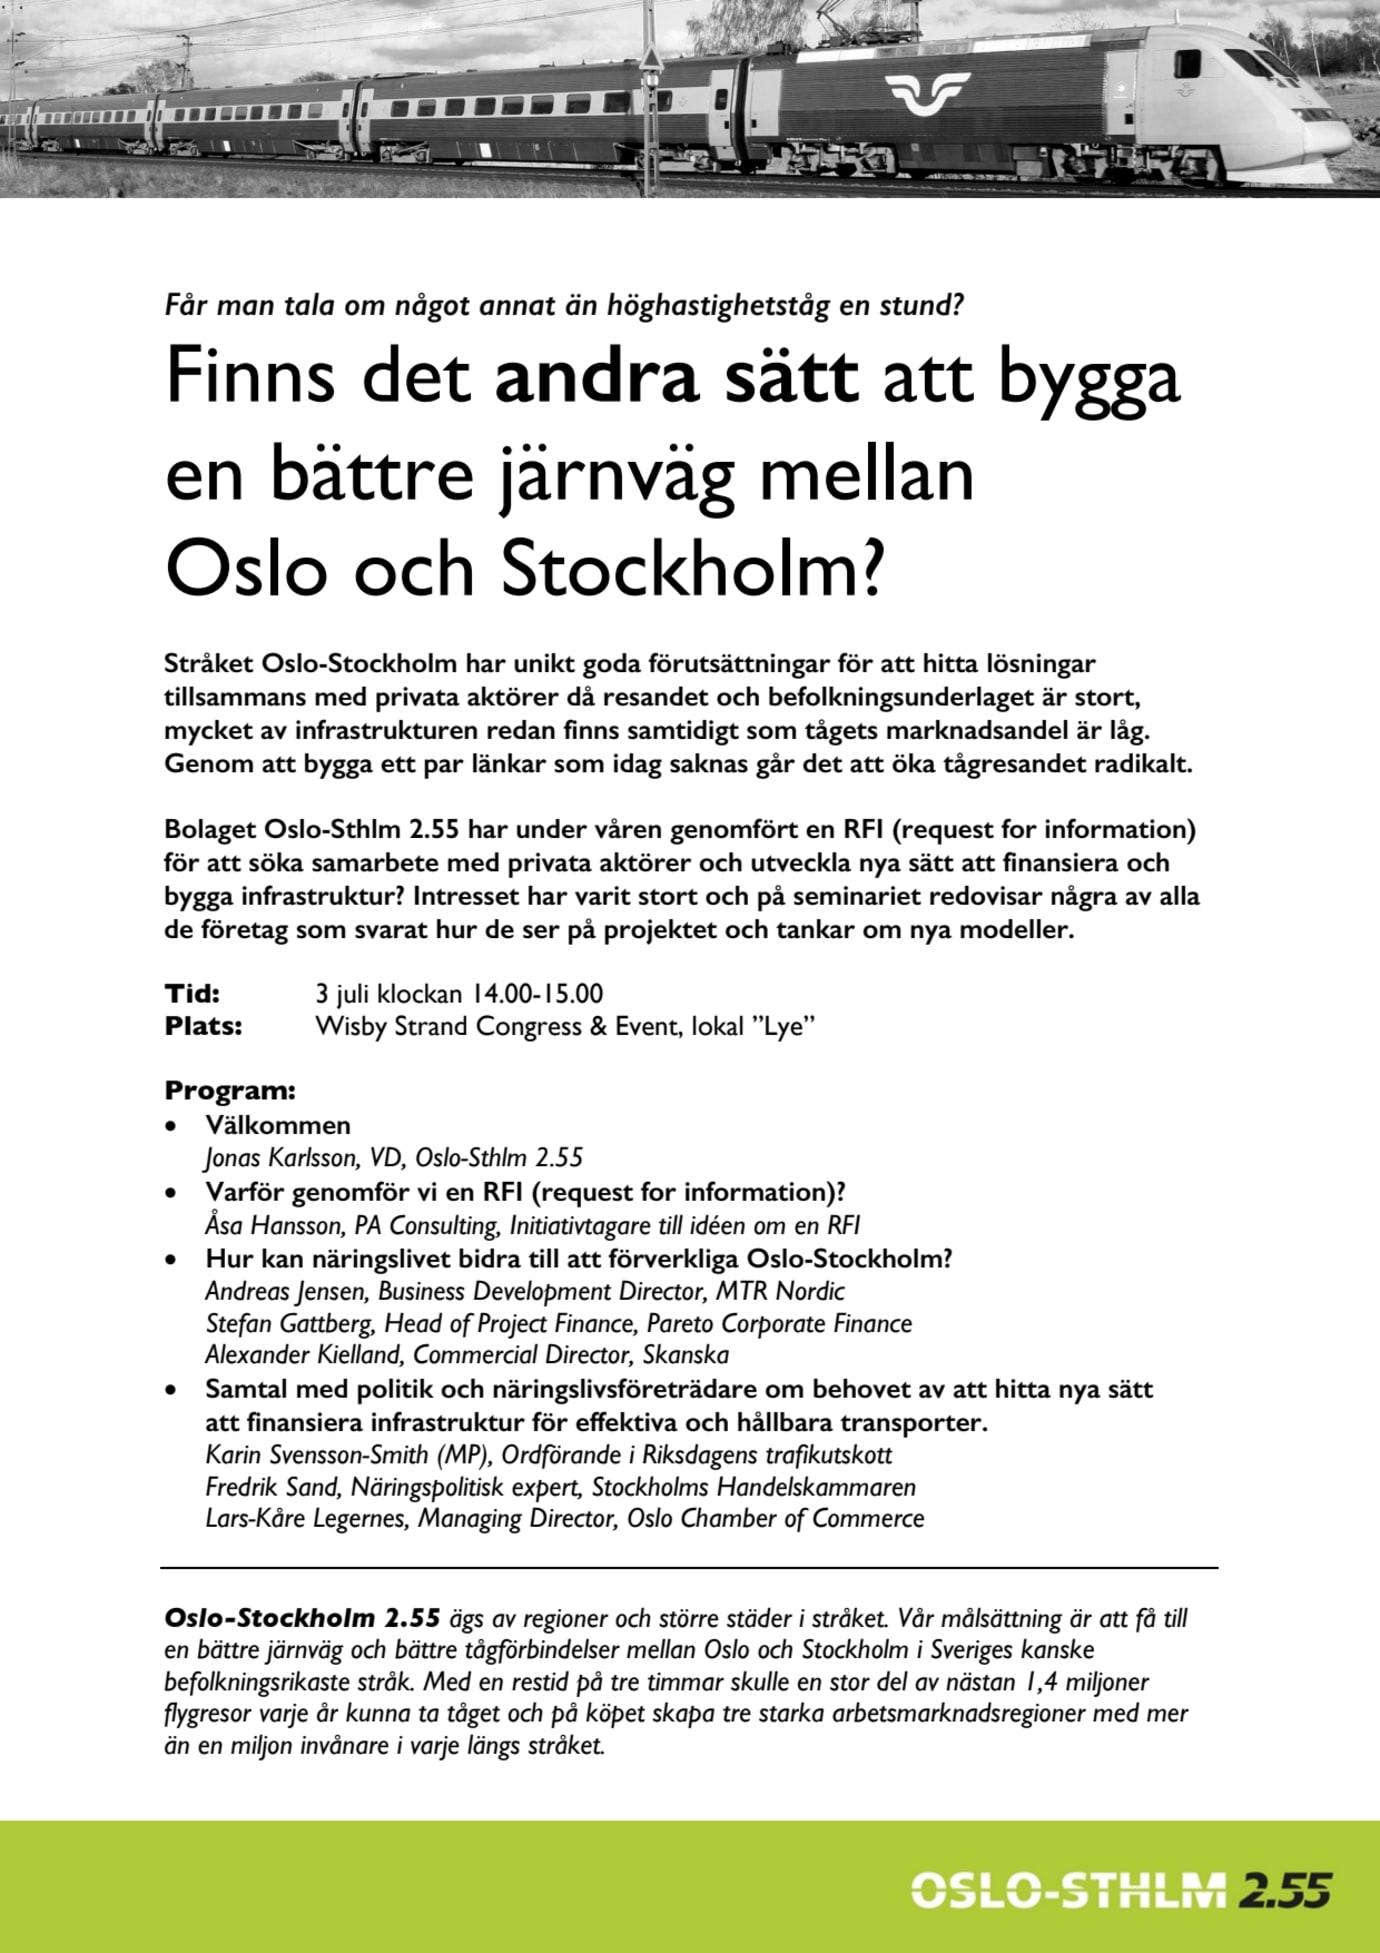 Finns det andra sätt att bygga en bättre järnväg mellan Oslo och Stockholm?